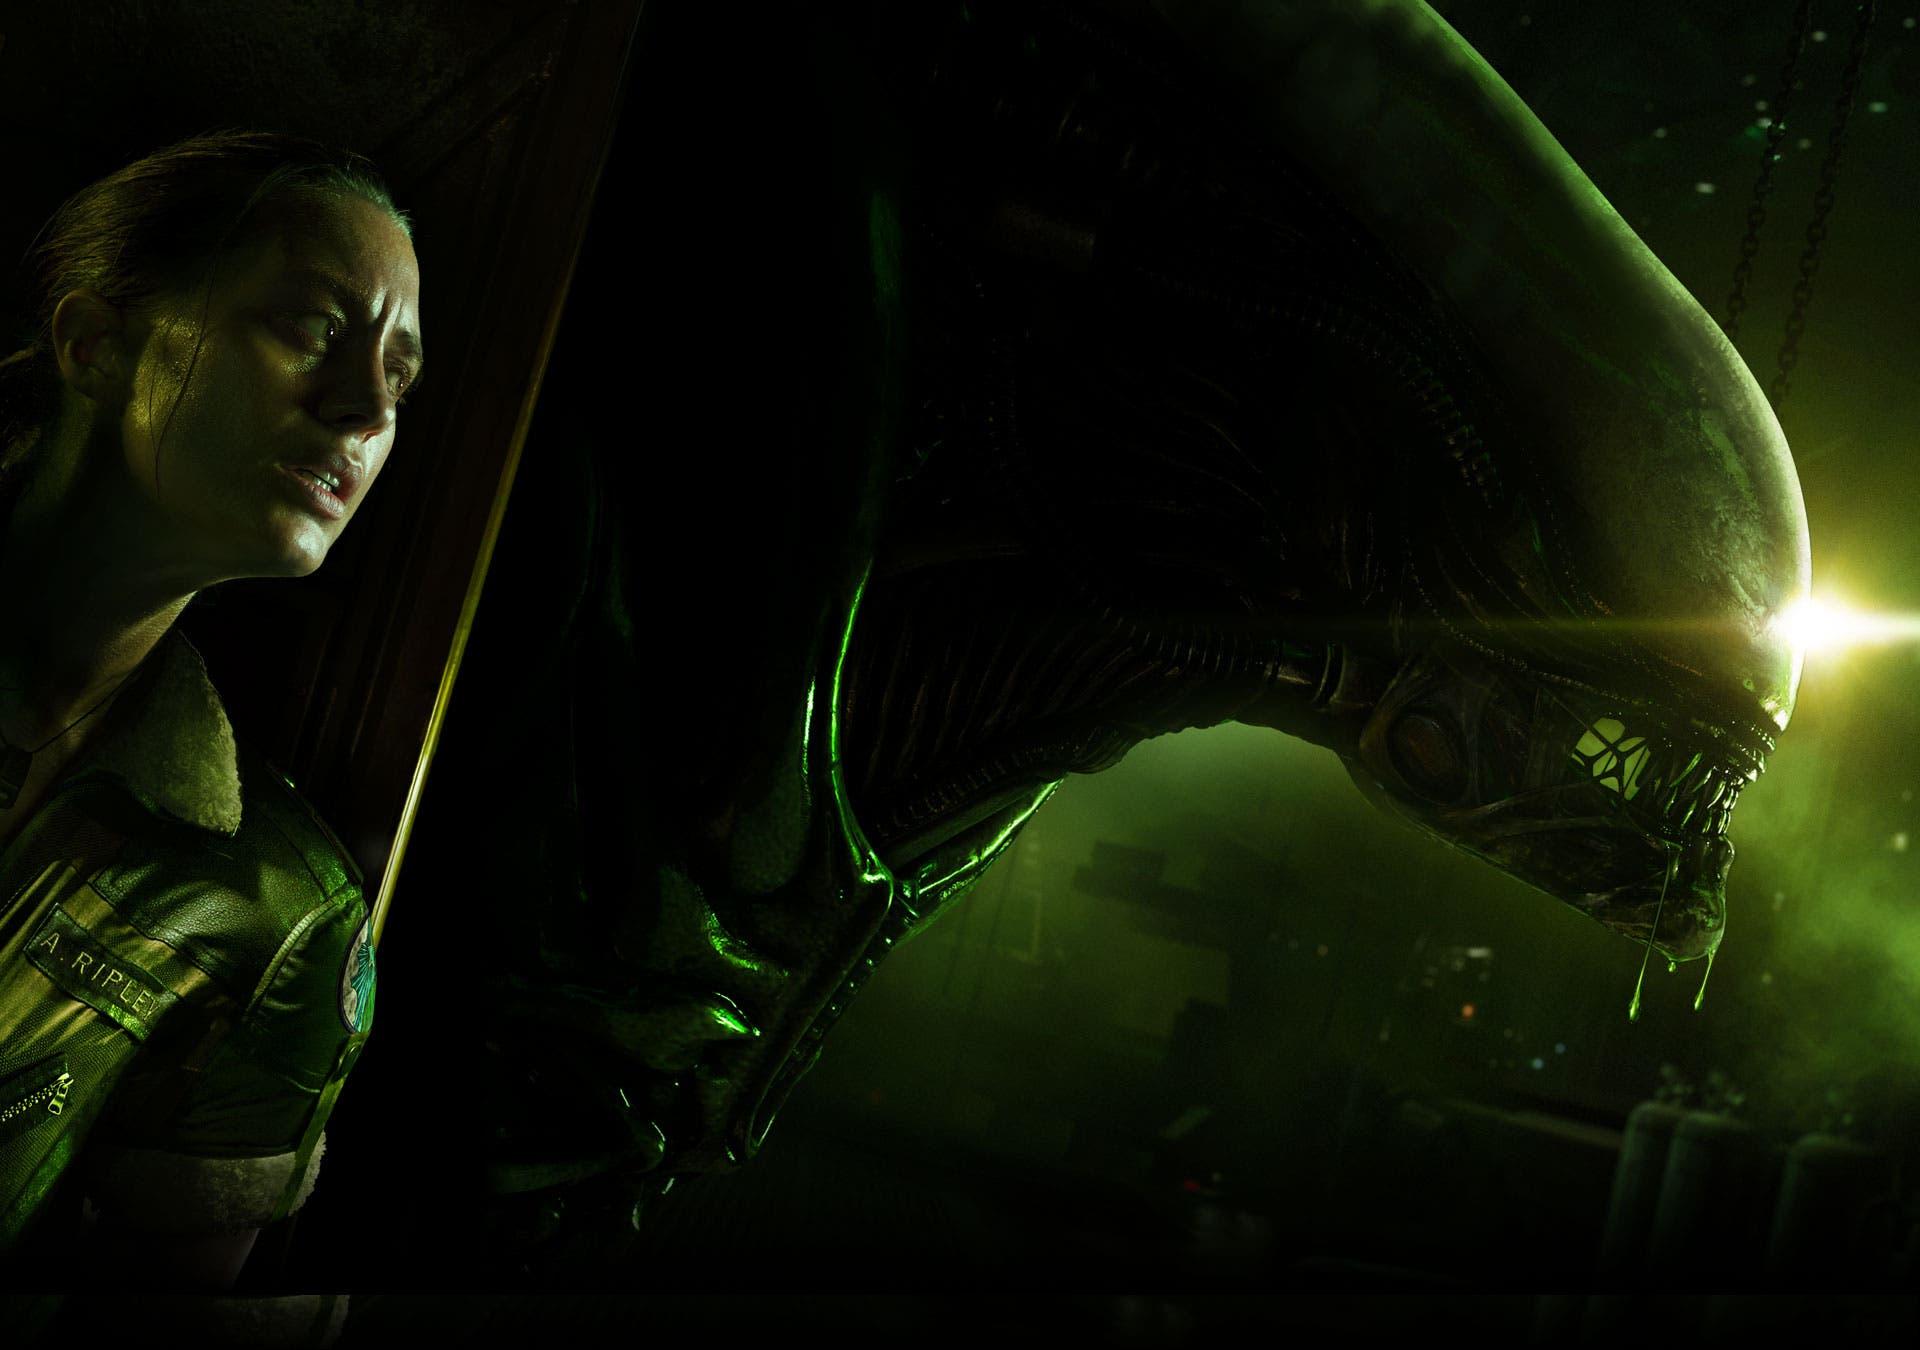 AlienIsolation featured 3